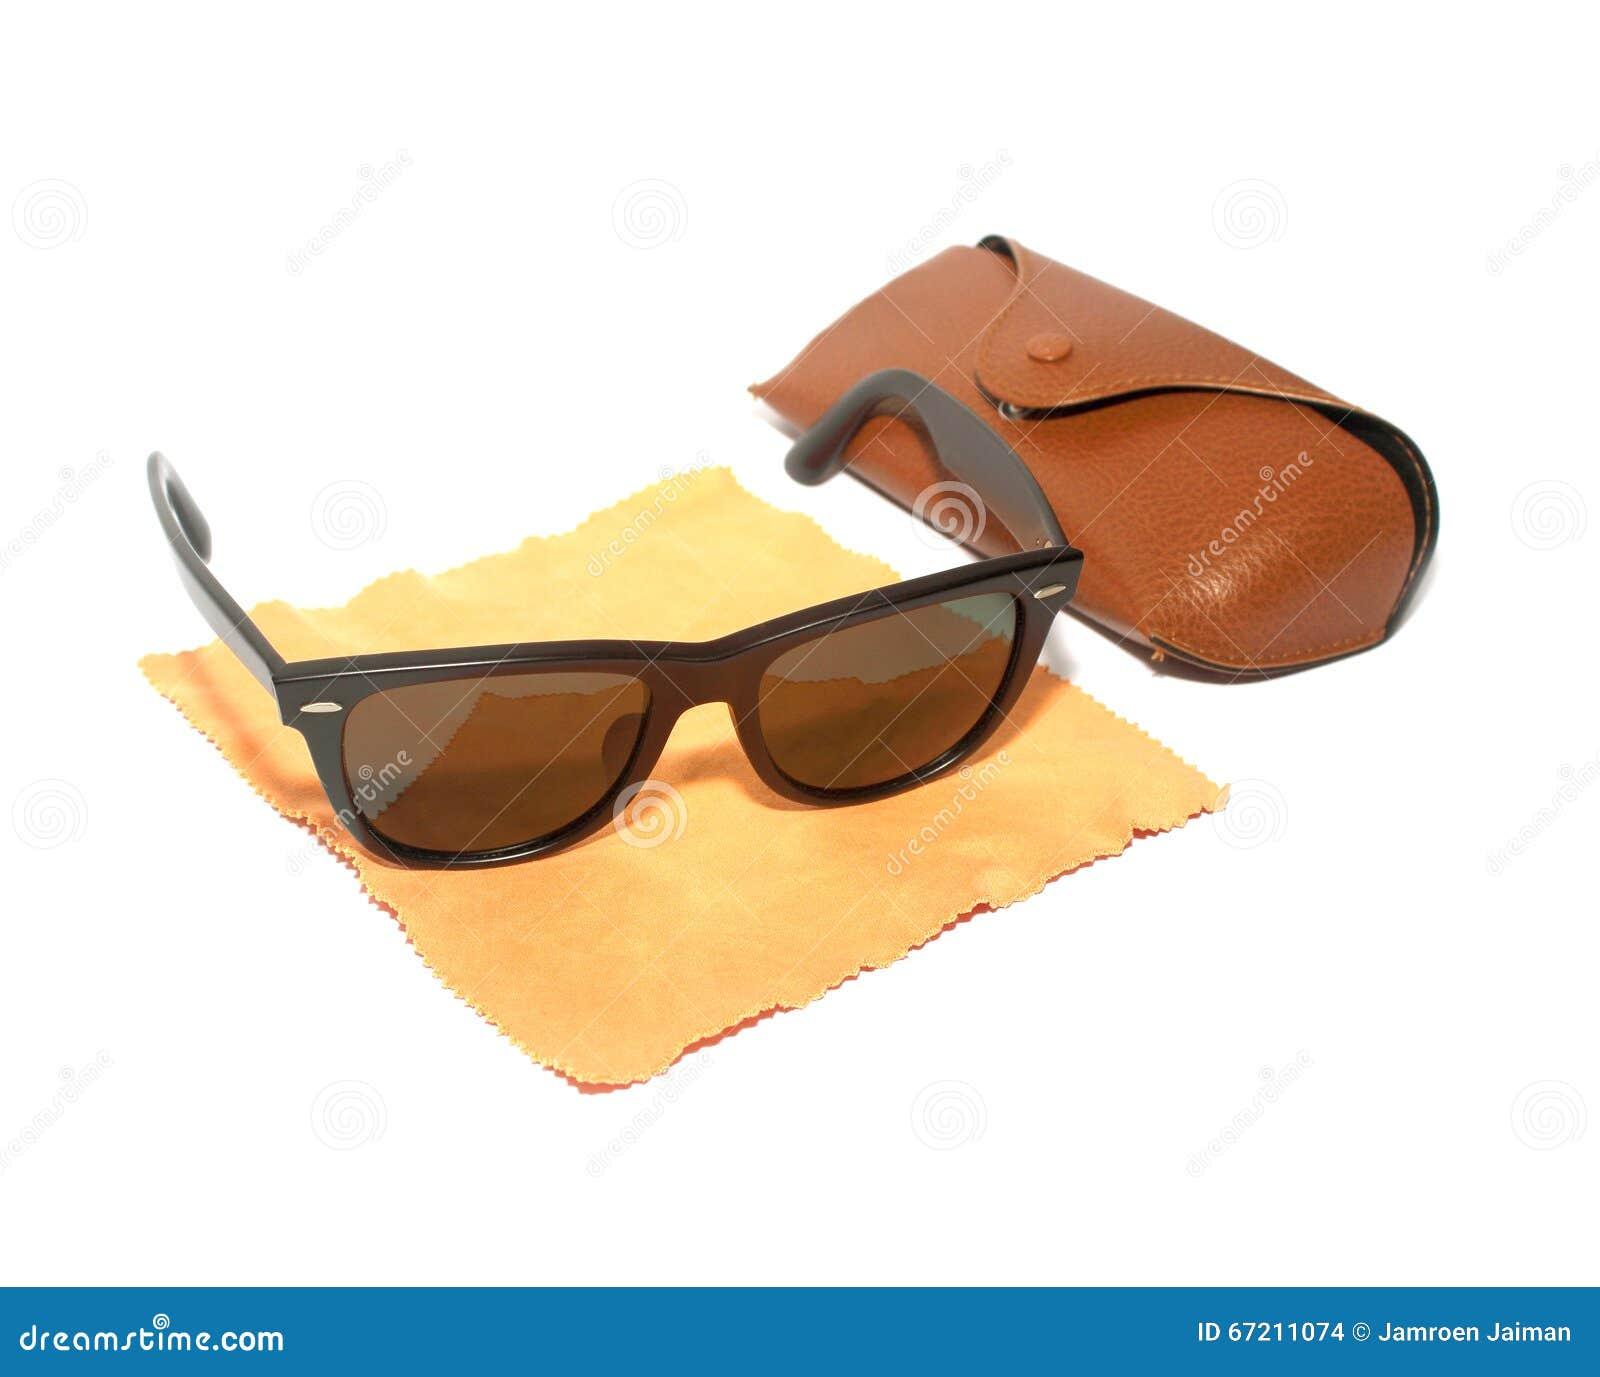 De Caso El Limpieza Y Vidrios Las Gafas Con Sol Trapo Forme 5LjA34R